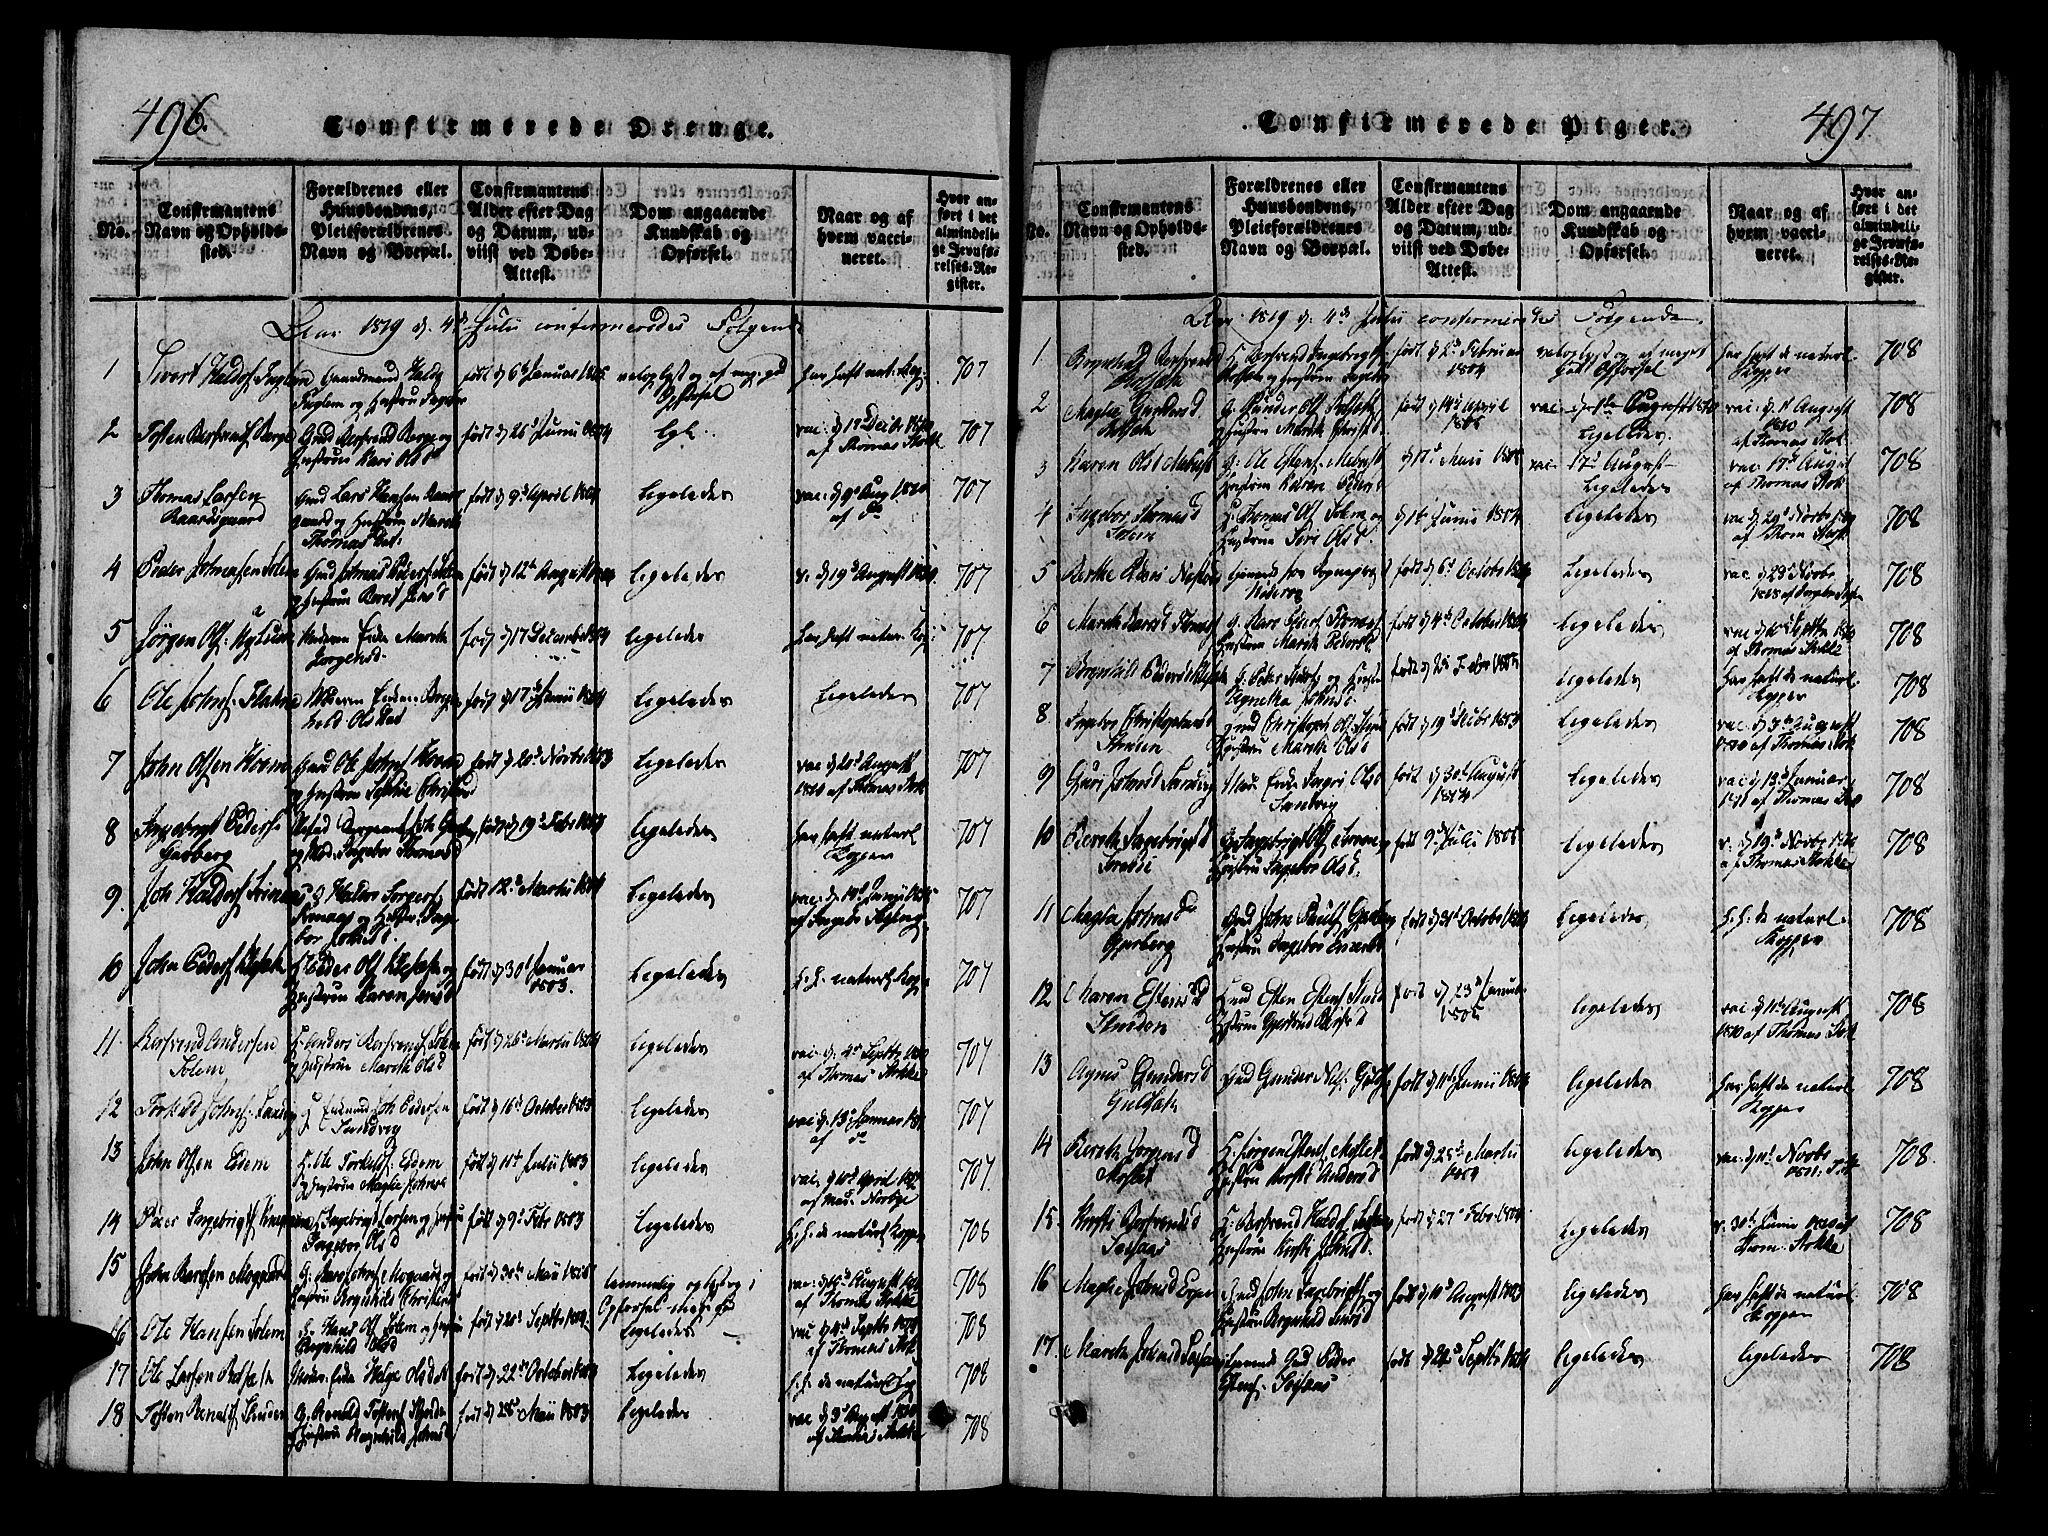 SAT, Ministerialprotokoller, klokkerbøker og fødselsregistre - Sør-Trøndelag, 695/L1141: Ministerialbok nr. 695A04 /1, 1816-1824, s. 496-497